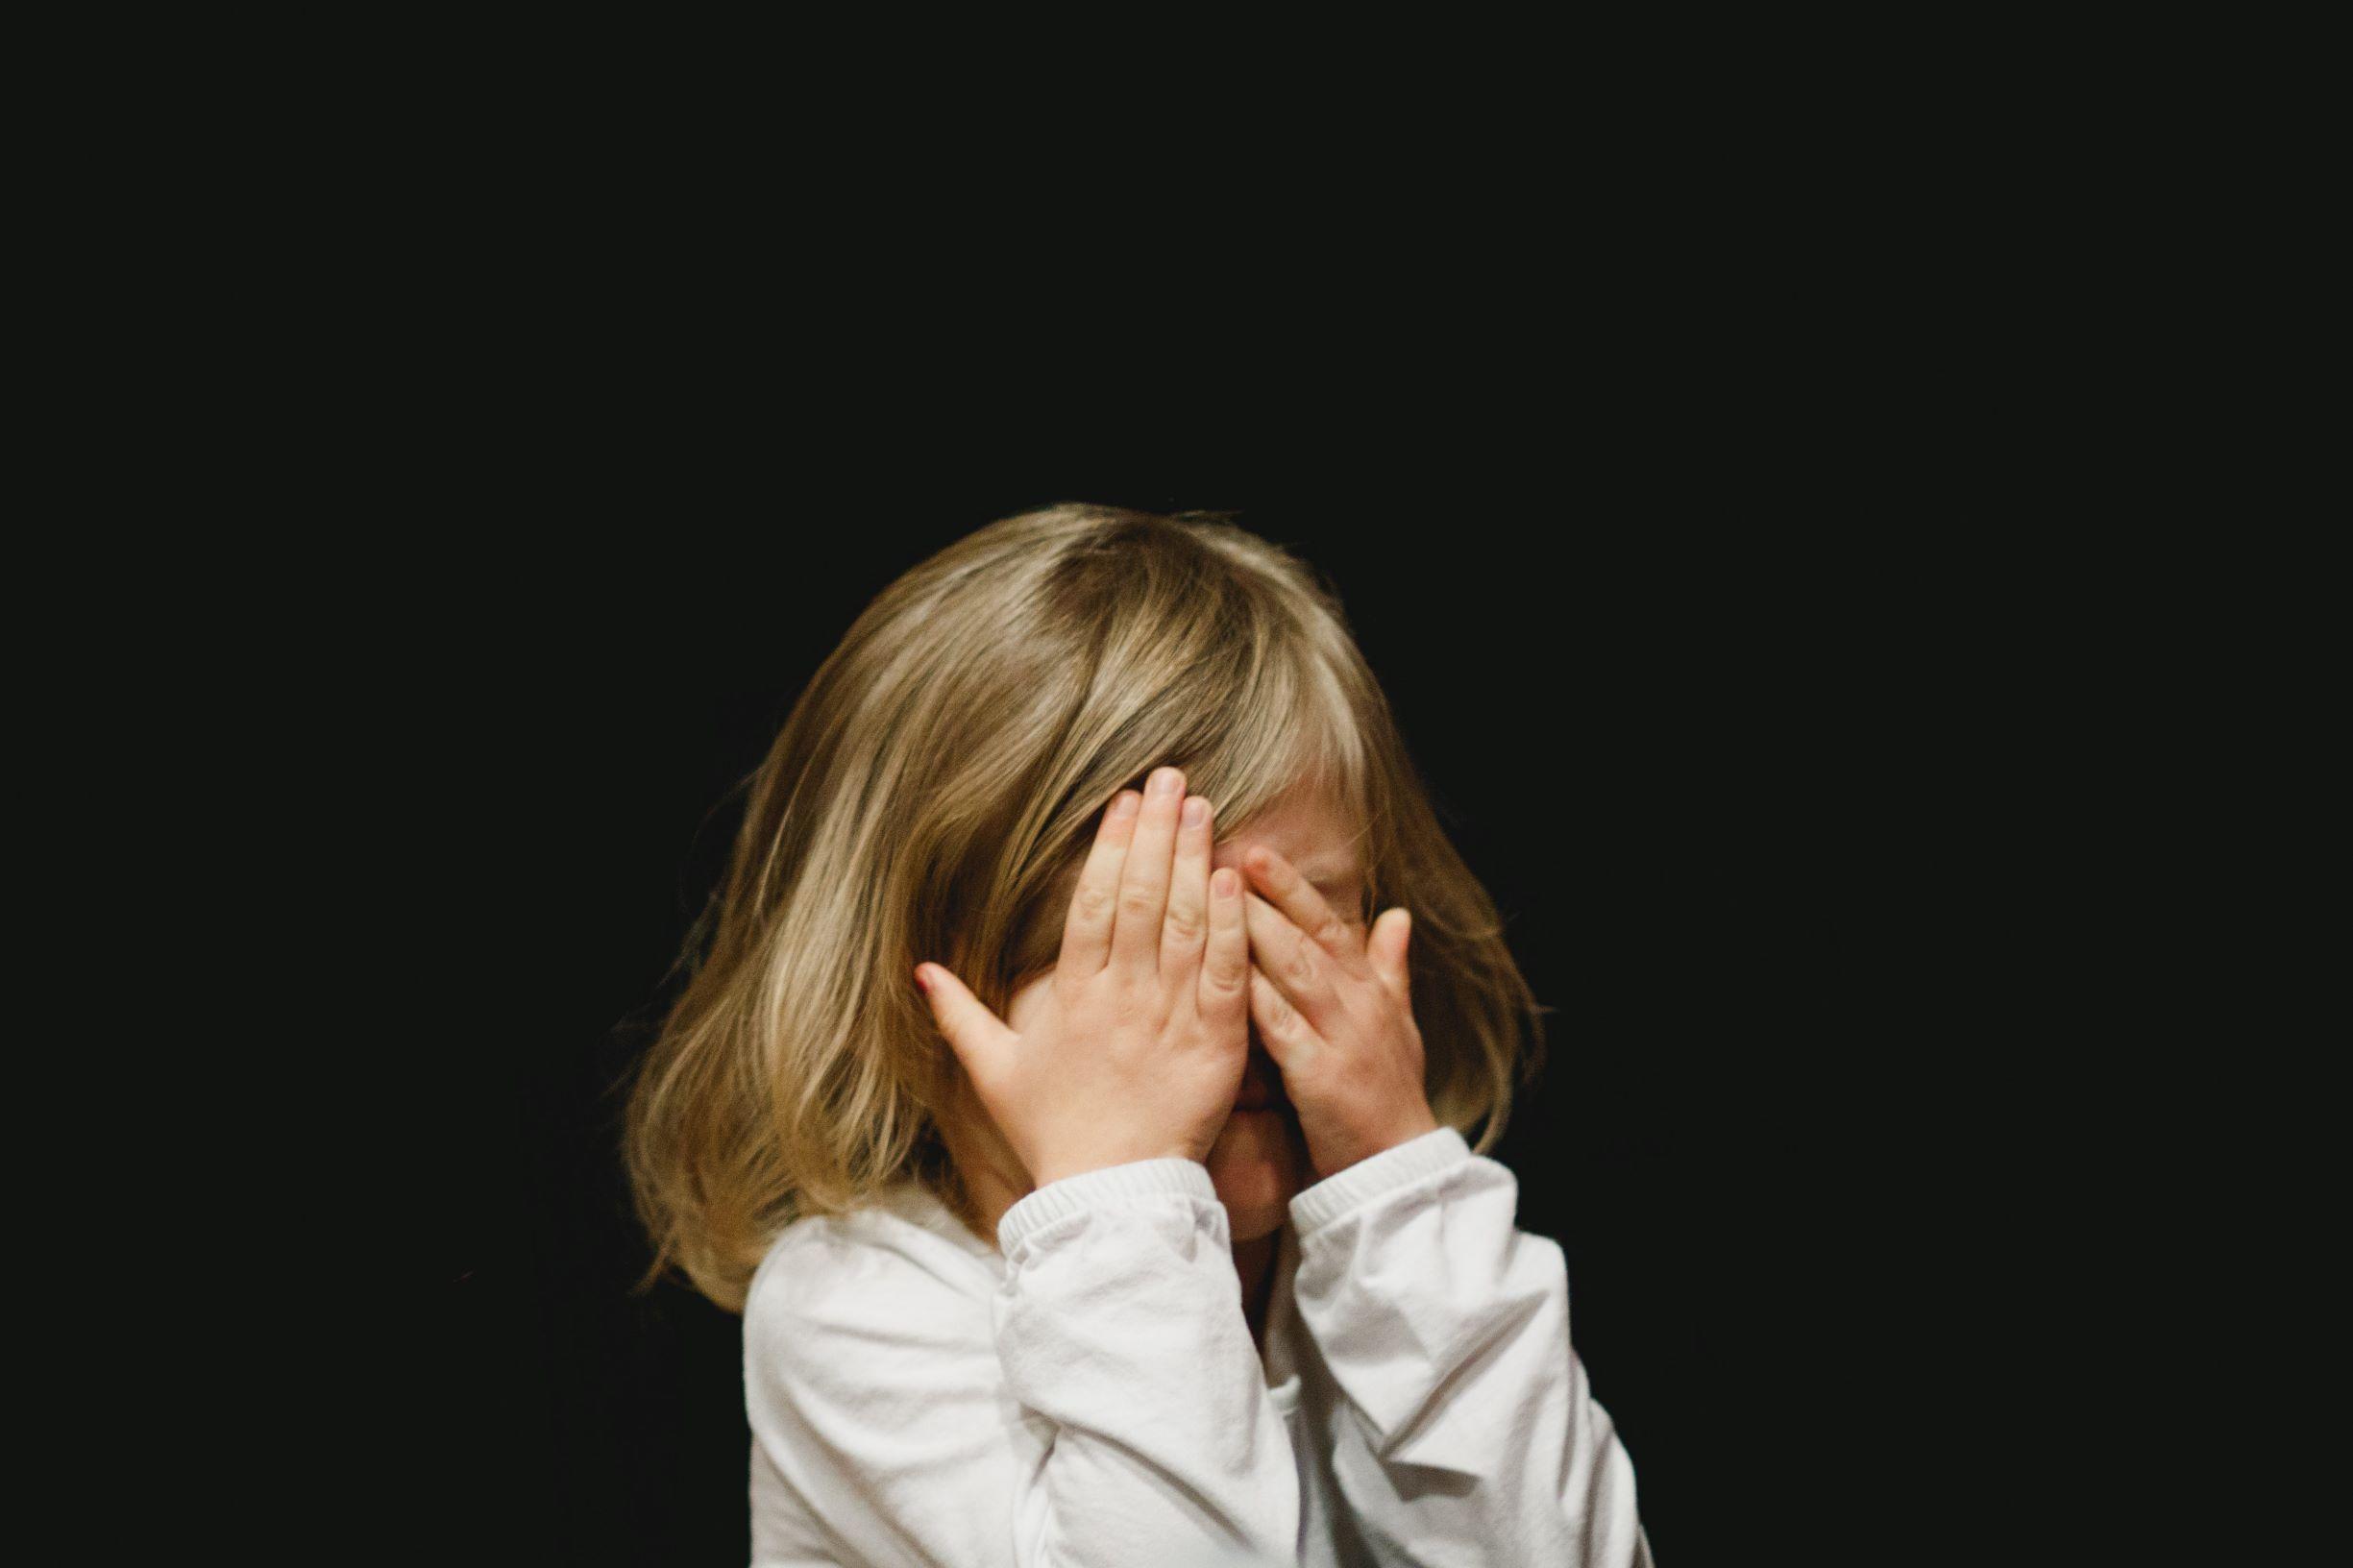 Flicka ont i ögat - ögoninflammation hos barn